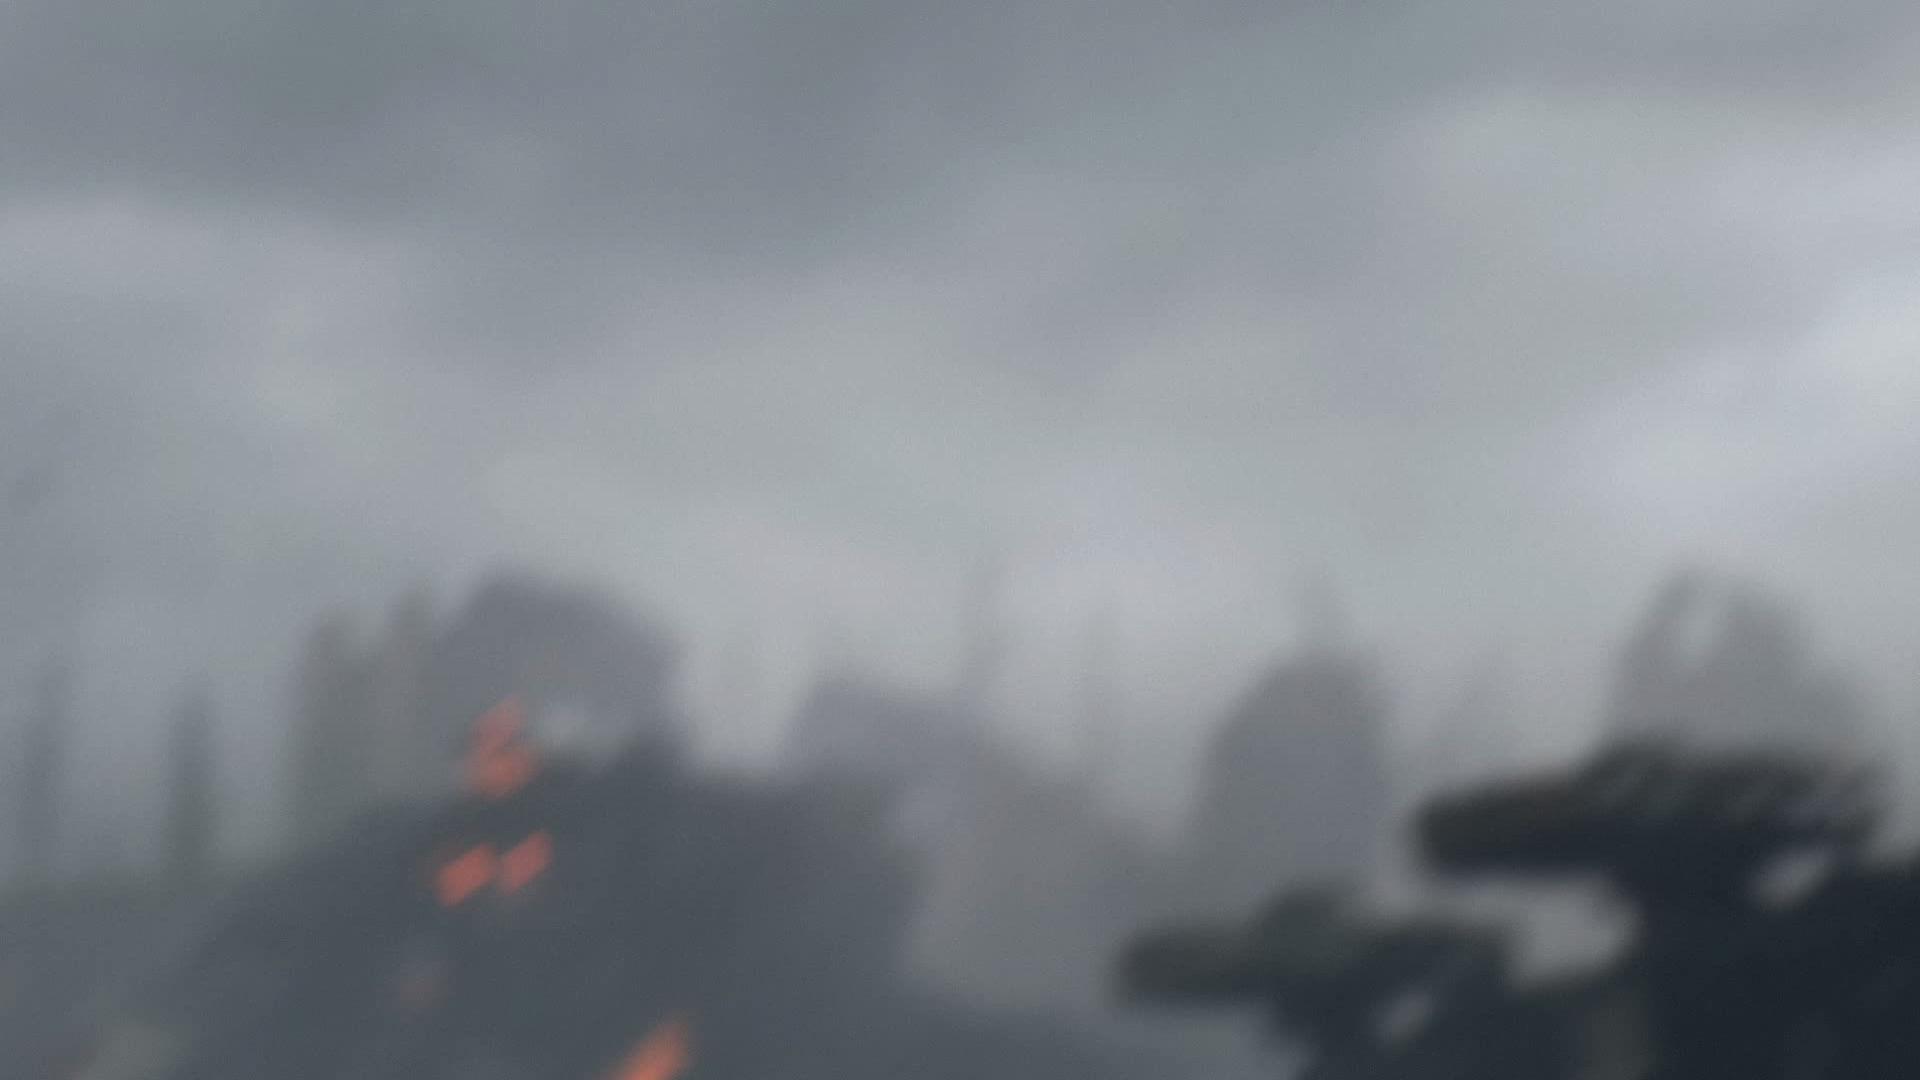 수정됨_Battlefield 1 2016.10.13 - 19.26.00.13.jpg